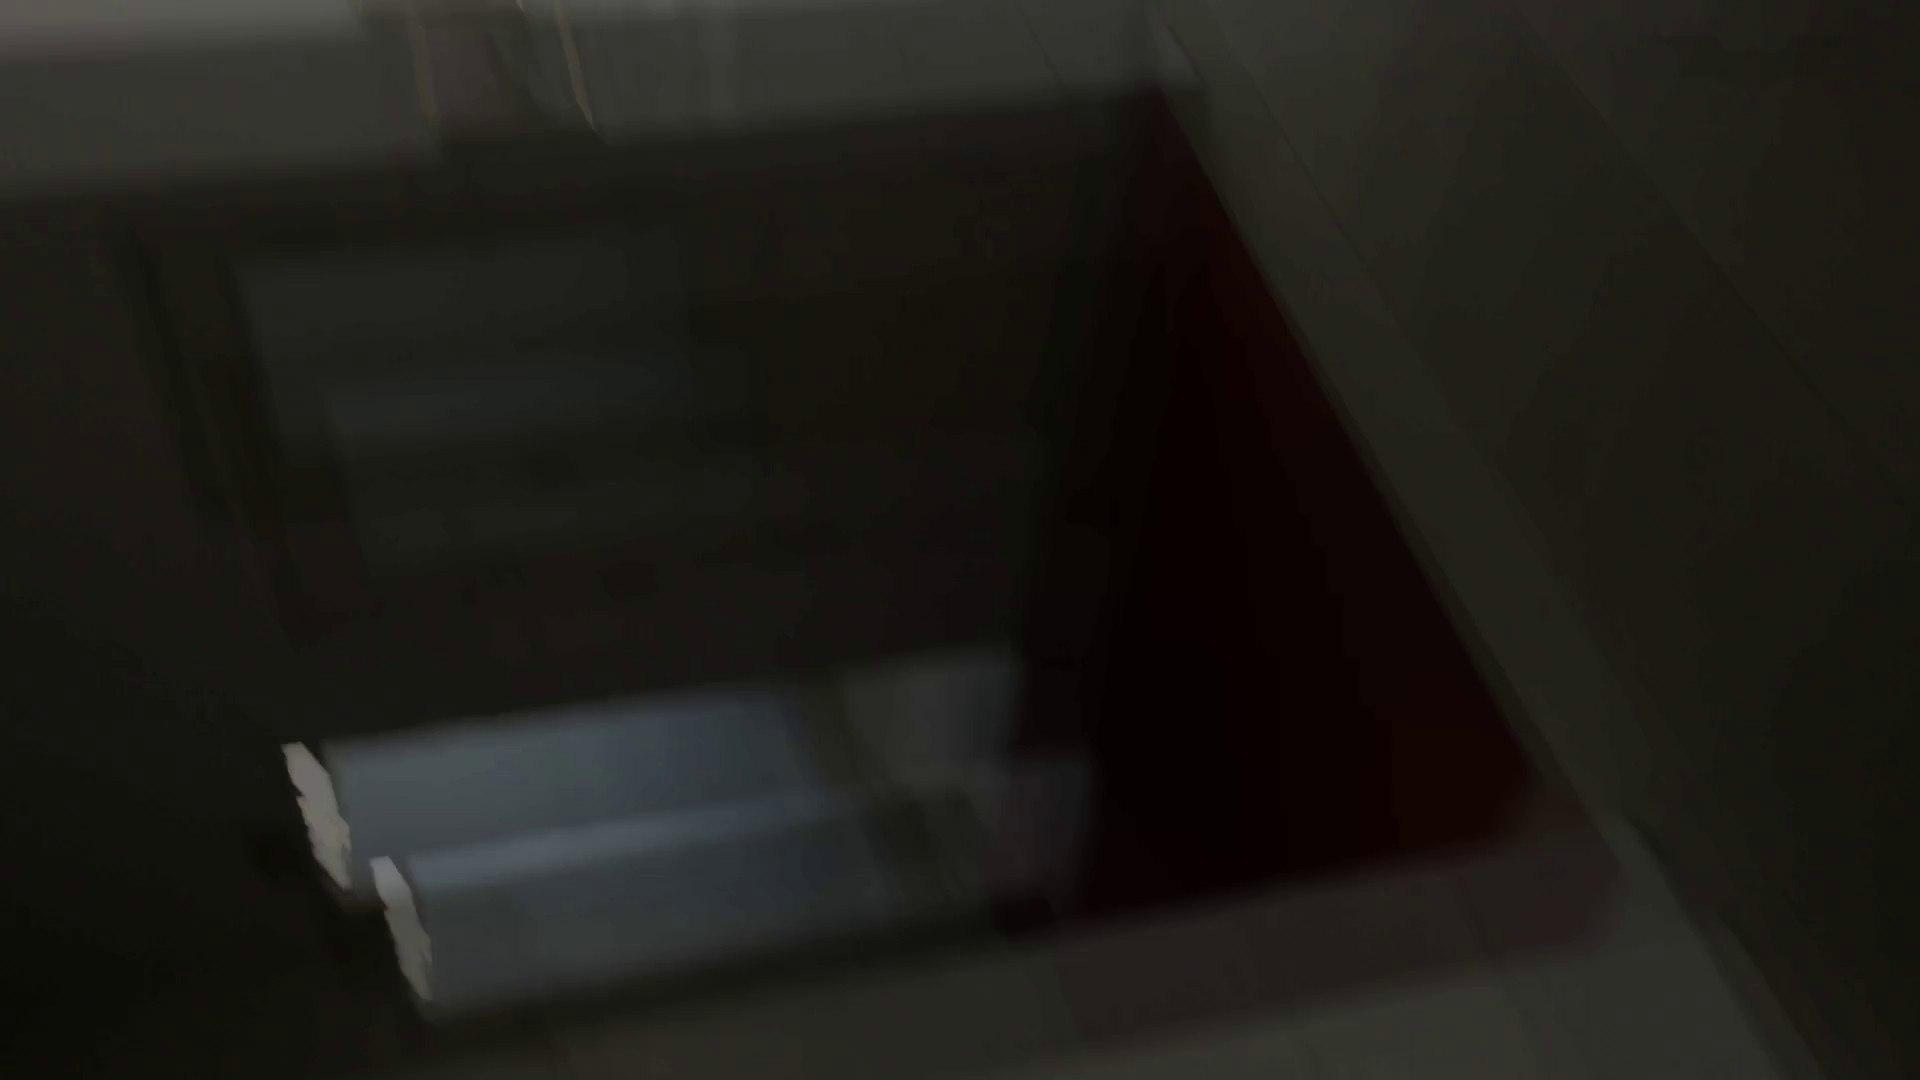 芸術大学ガチ潜入盗撮 JD盗撮 美女の洗面所の秘密 Vol.91 洗面所  58PIX 30